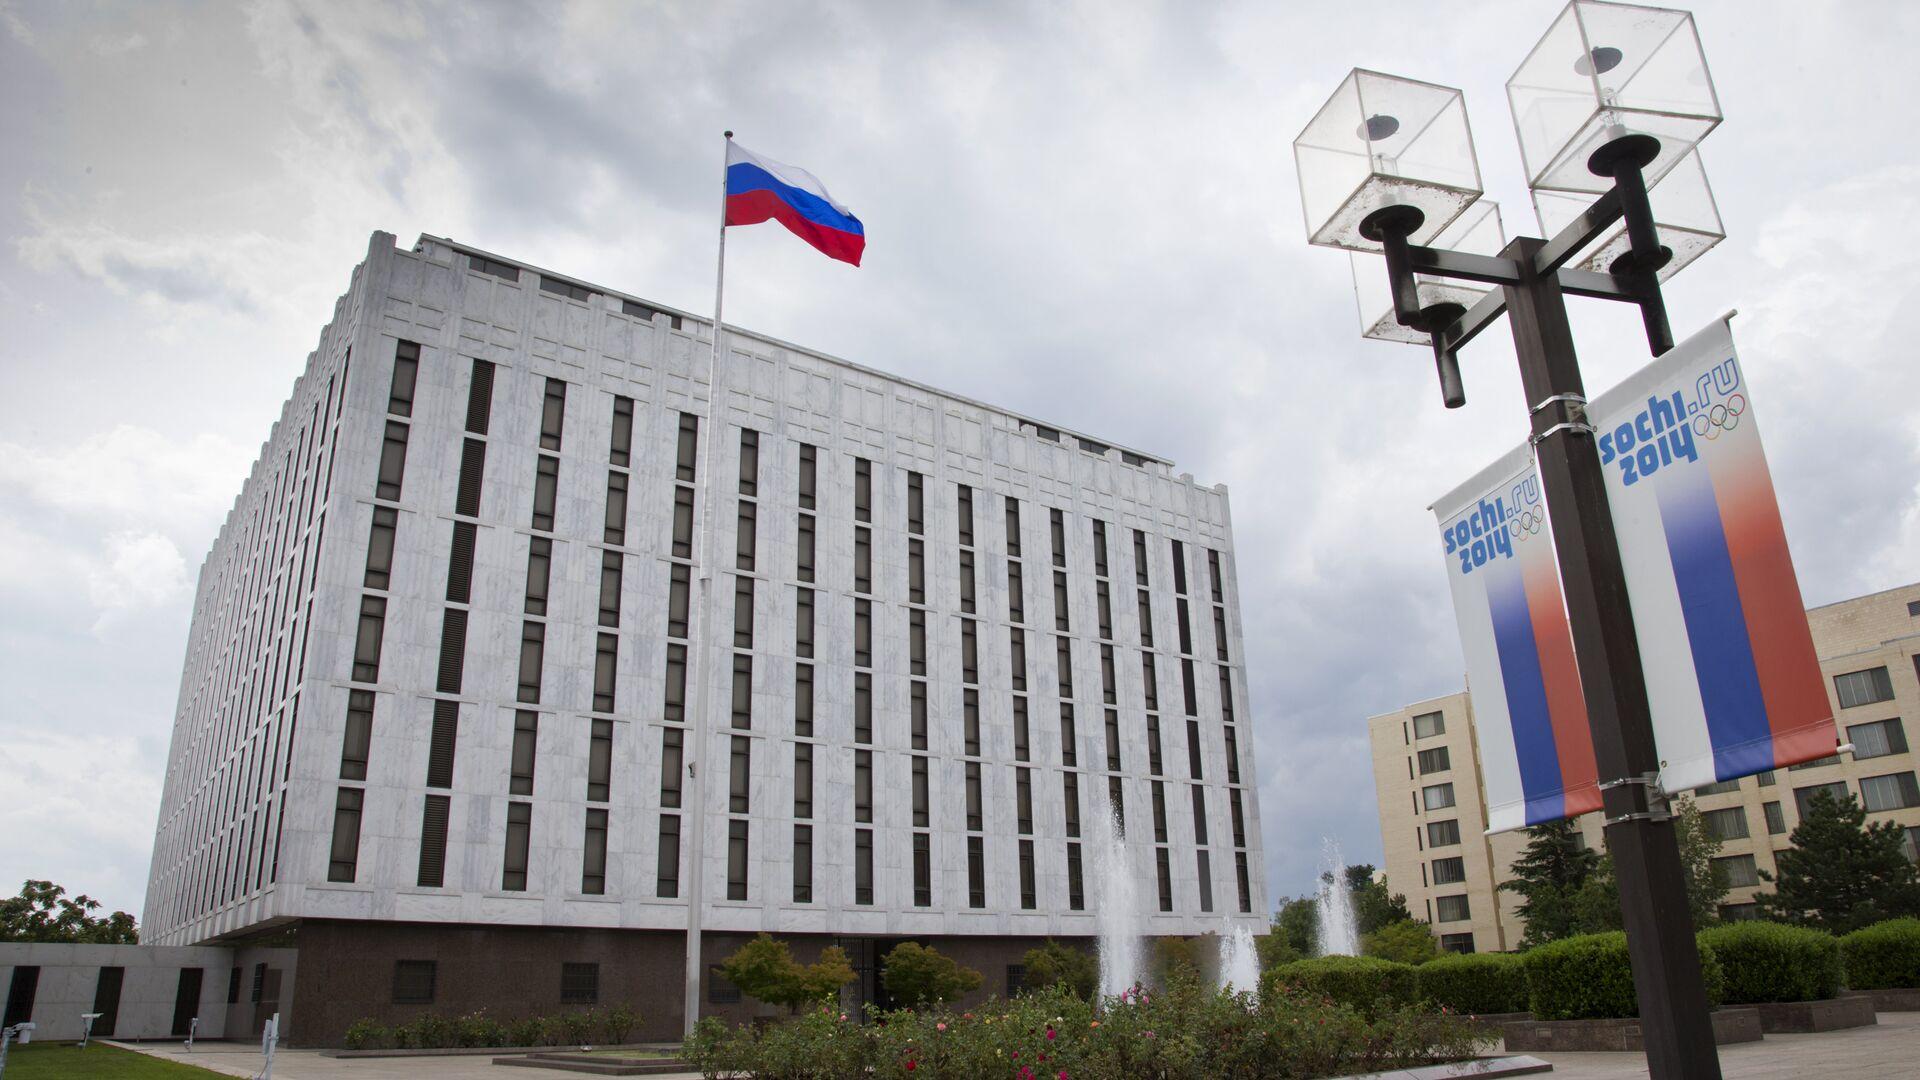 Deo kompleksa ruske ambasade  u Vašingtonu - Sputnik Srbija, 1920, 03.08.2021